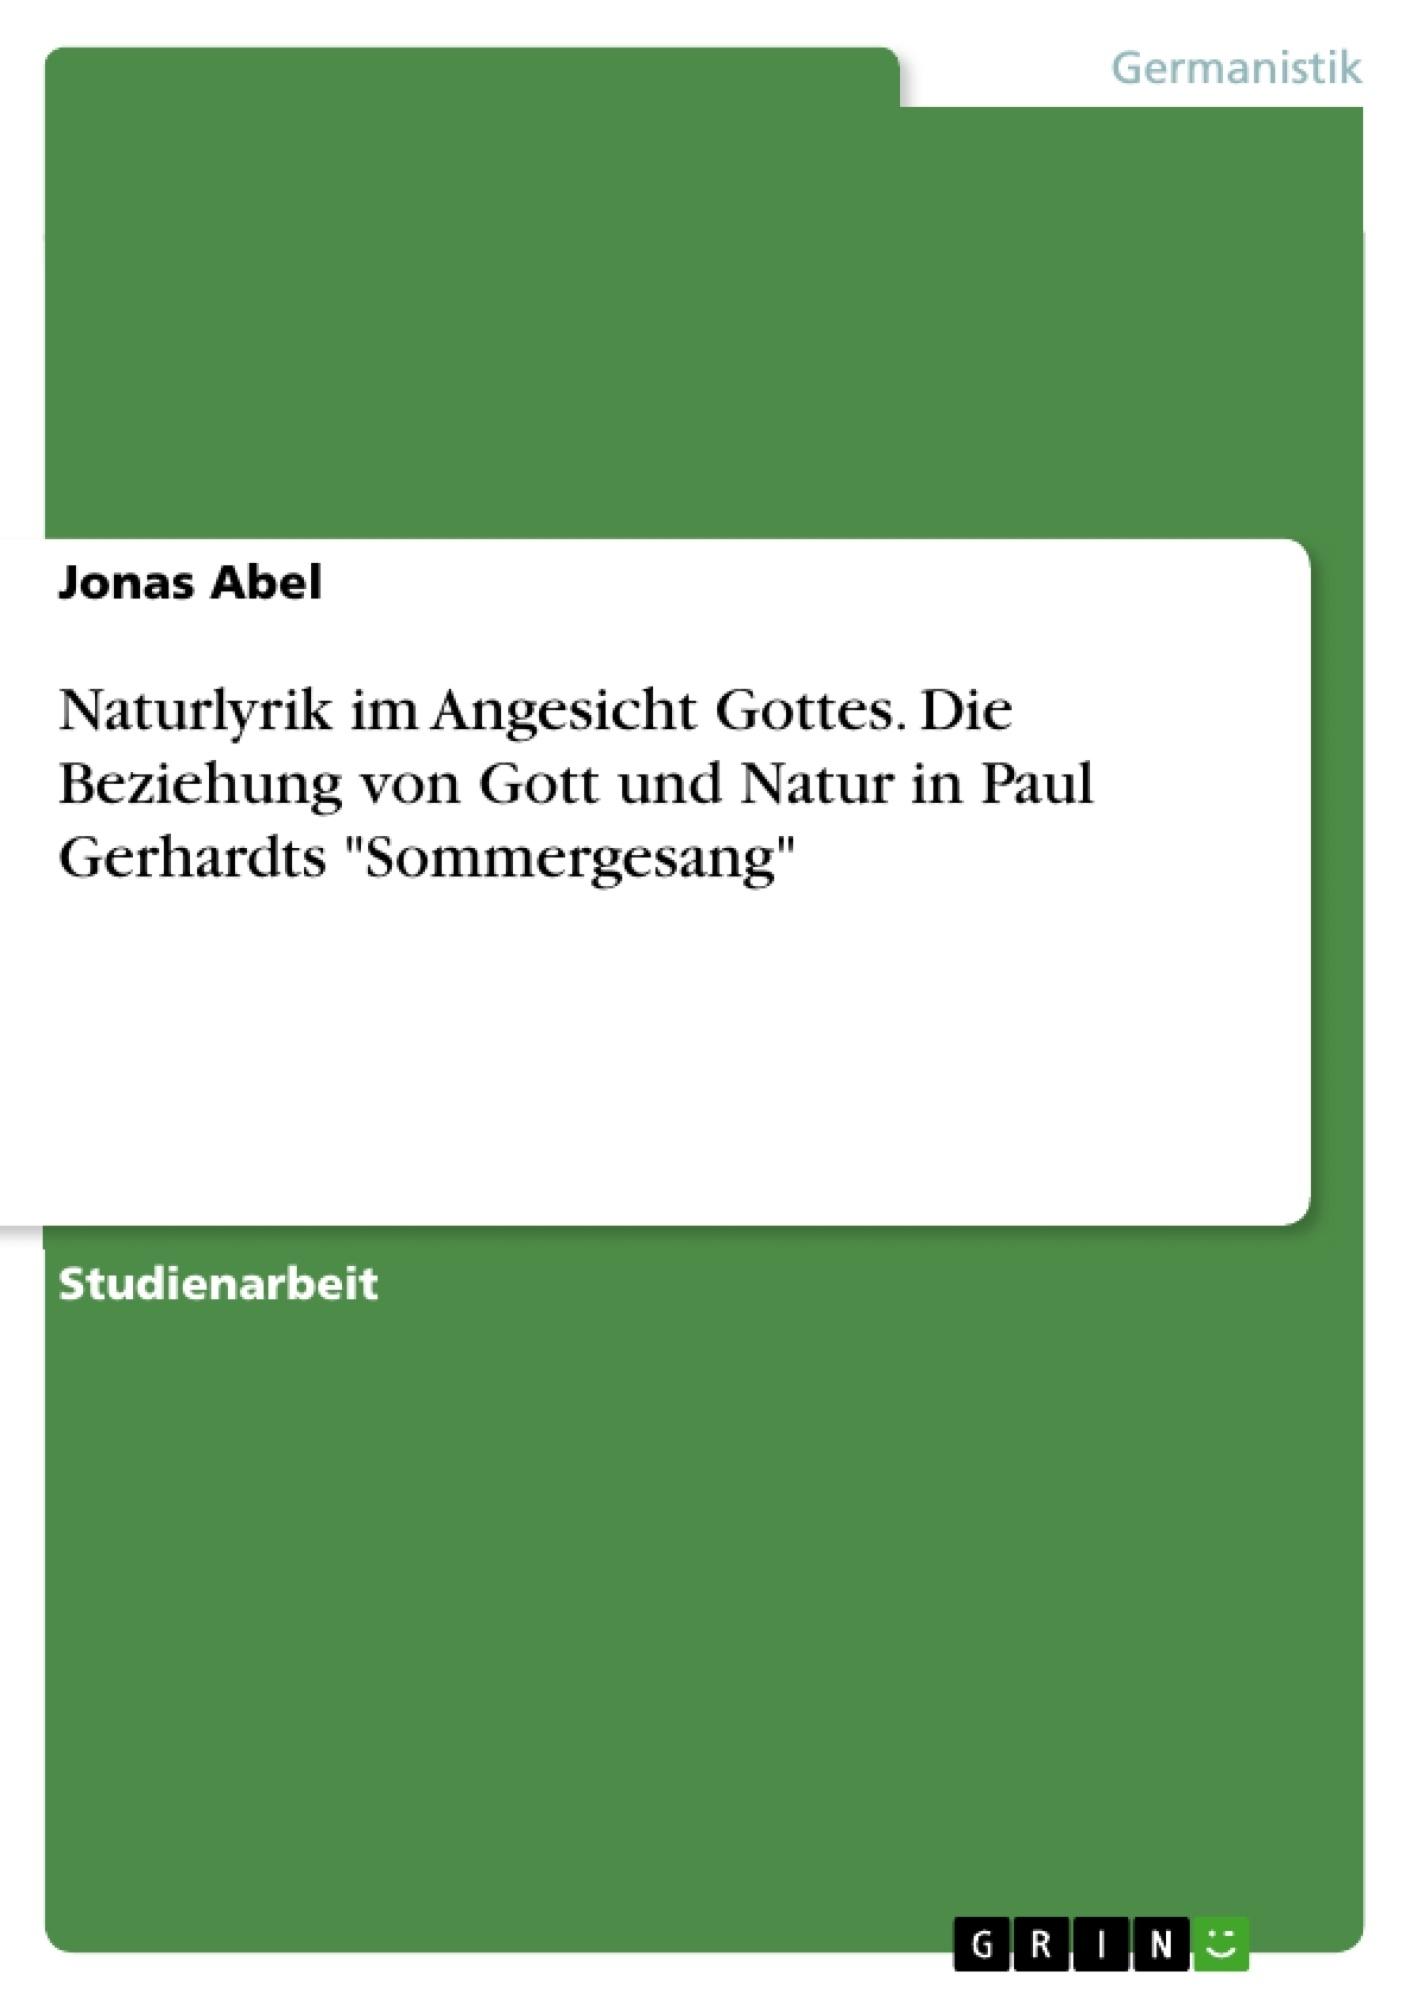 """Titel: Naturlyrik im Angesicht Gottes. Die Beziehung von Gott und Natur in Paul Gerhardts """"Sommergesang"""""""